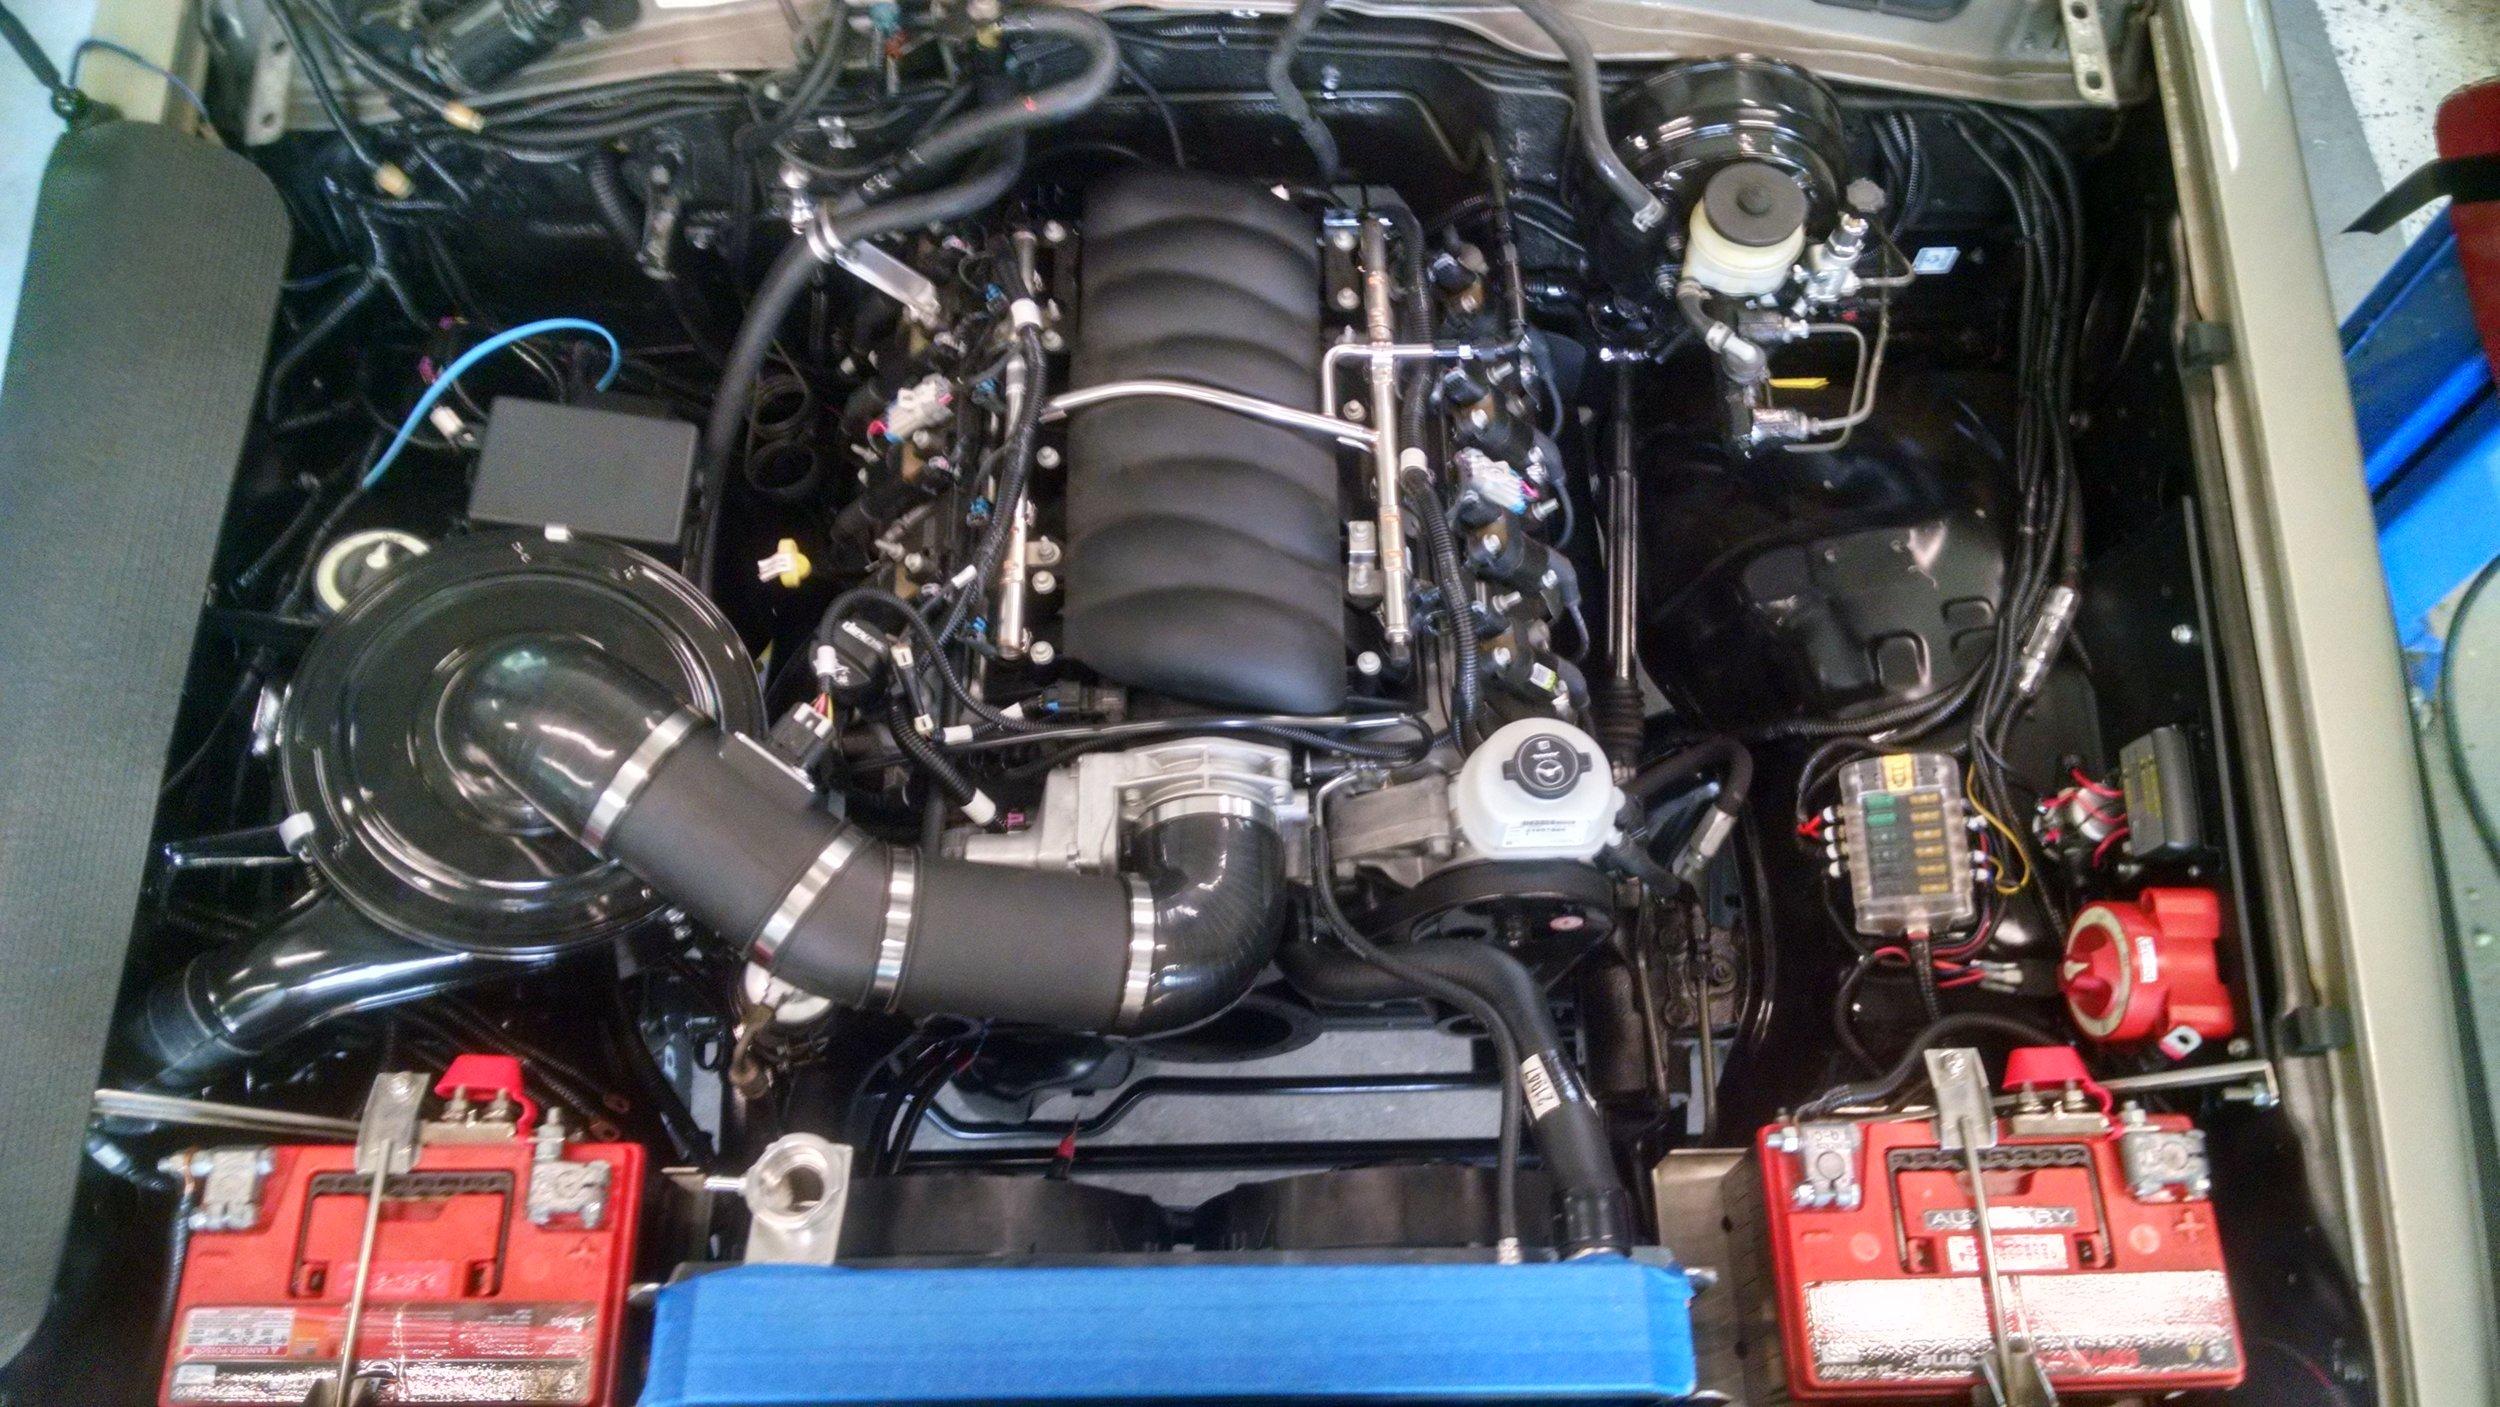 Hound Engine Compartment.jpg